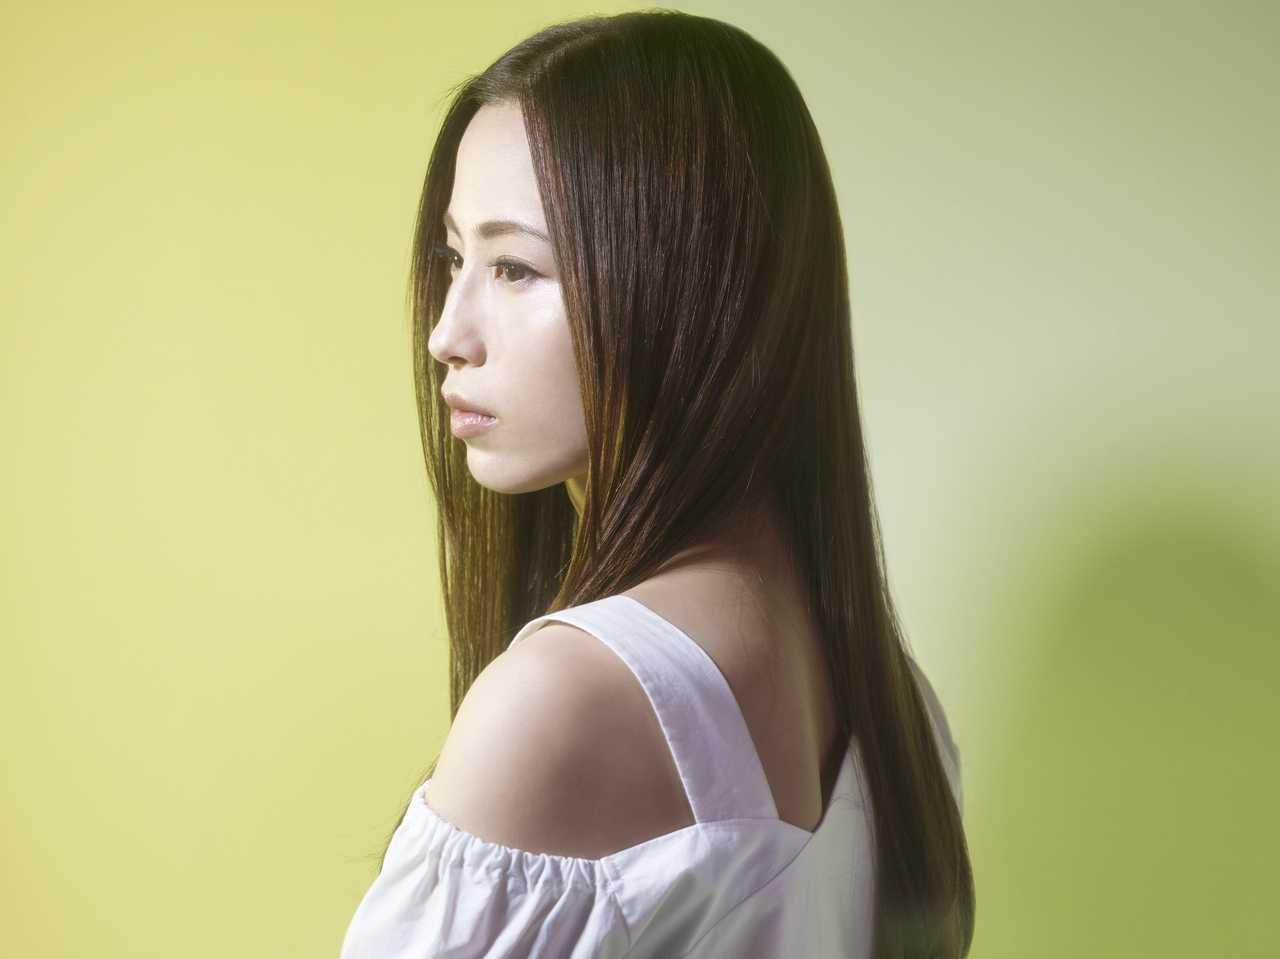 Uru、ニューシングル「ファーストラヴ」初回盤収録のダイジェストムービーを公開!